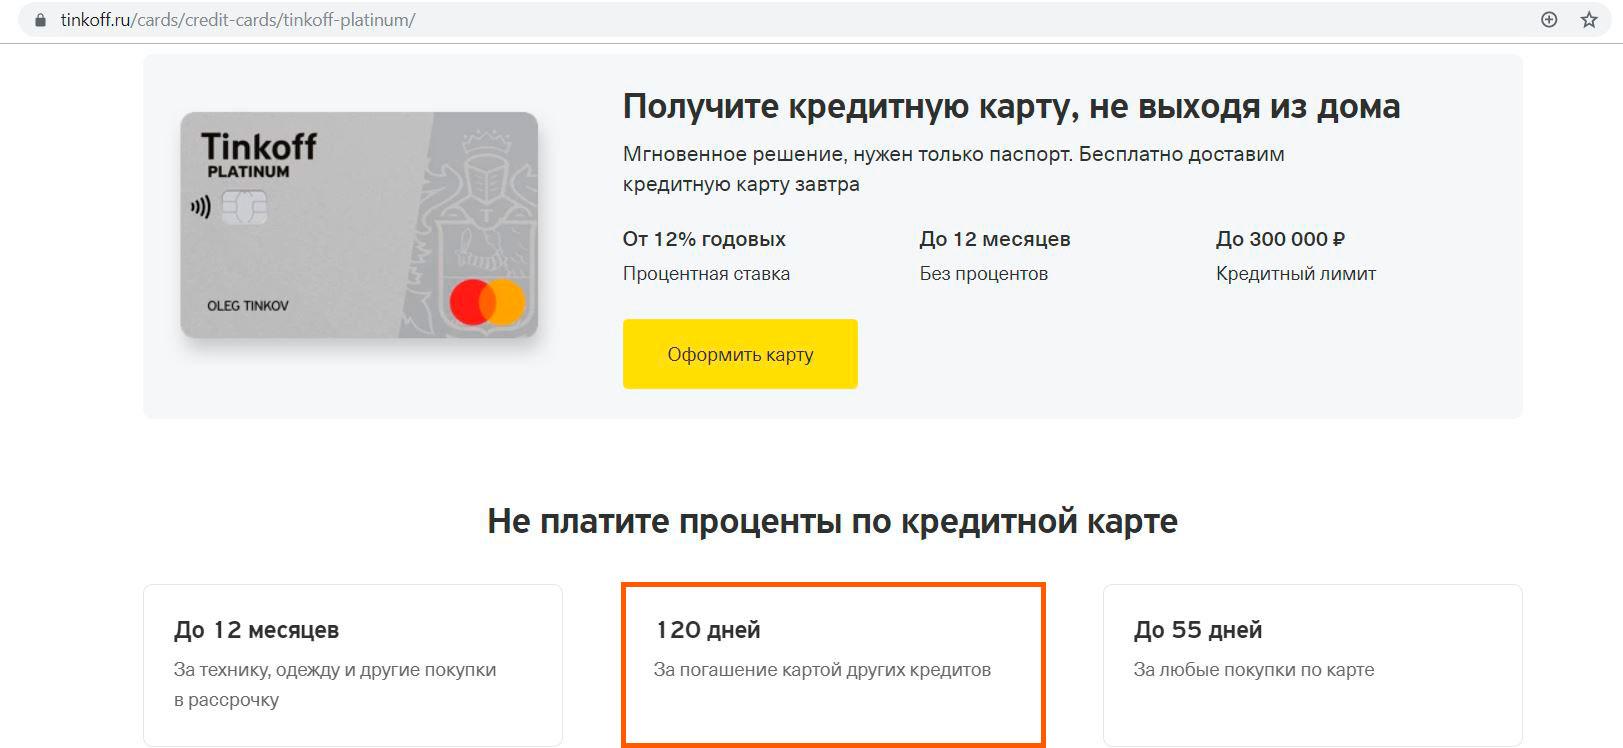 оплата займа с кредитной карты